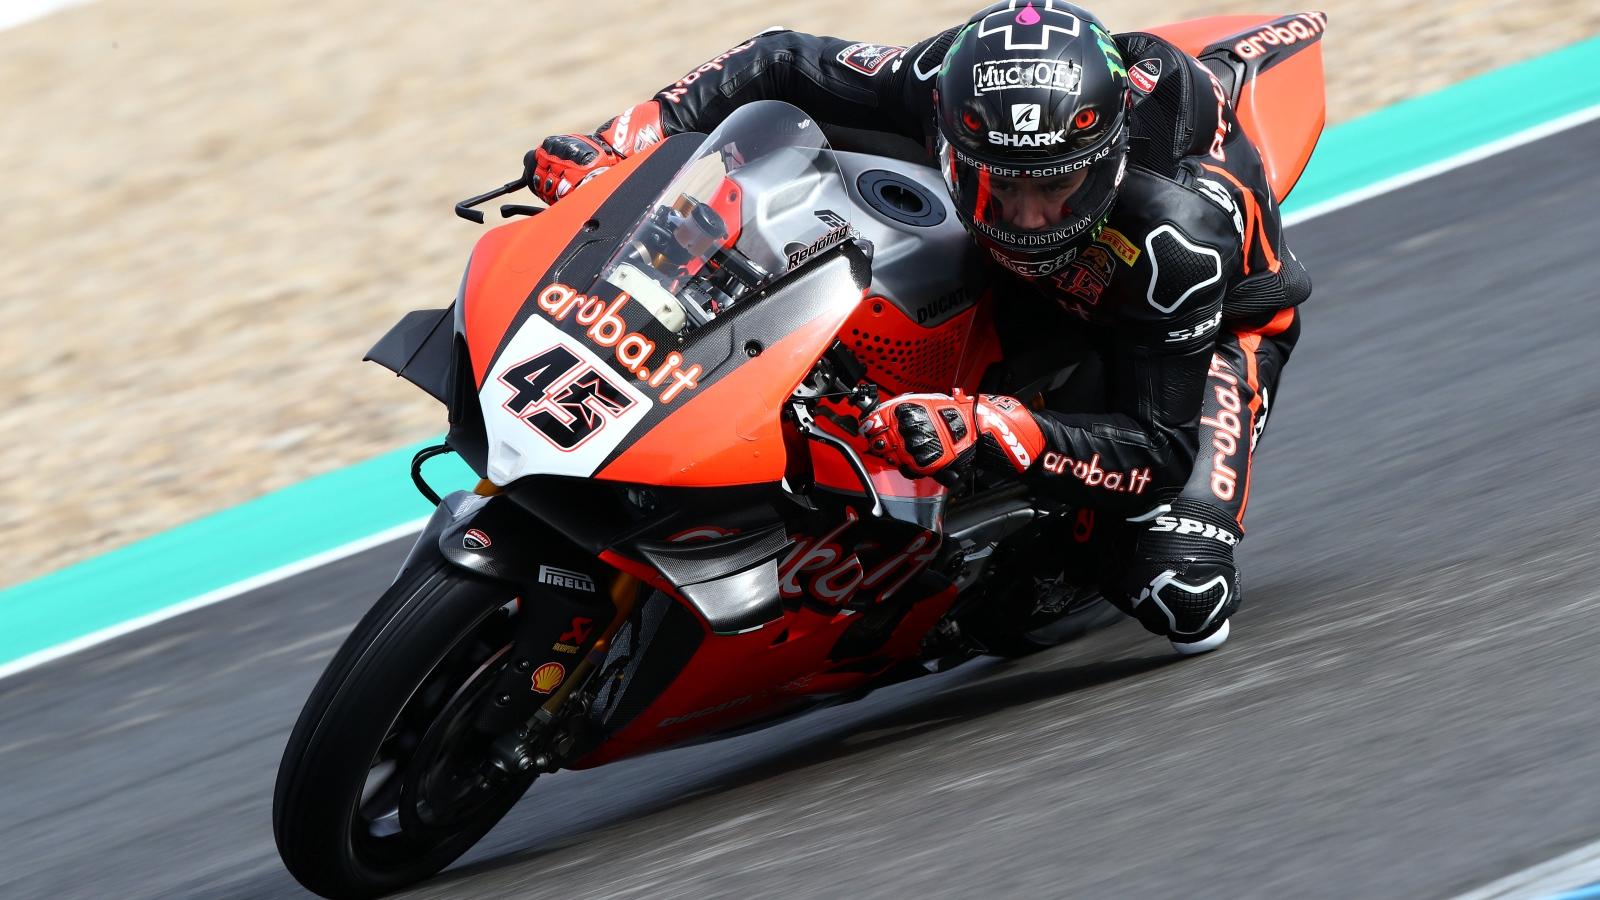 La Ducati Panigale V4R y la solución Scott Redding al 'problema Álvaro Bautista'